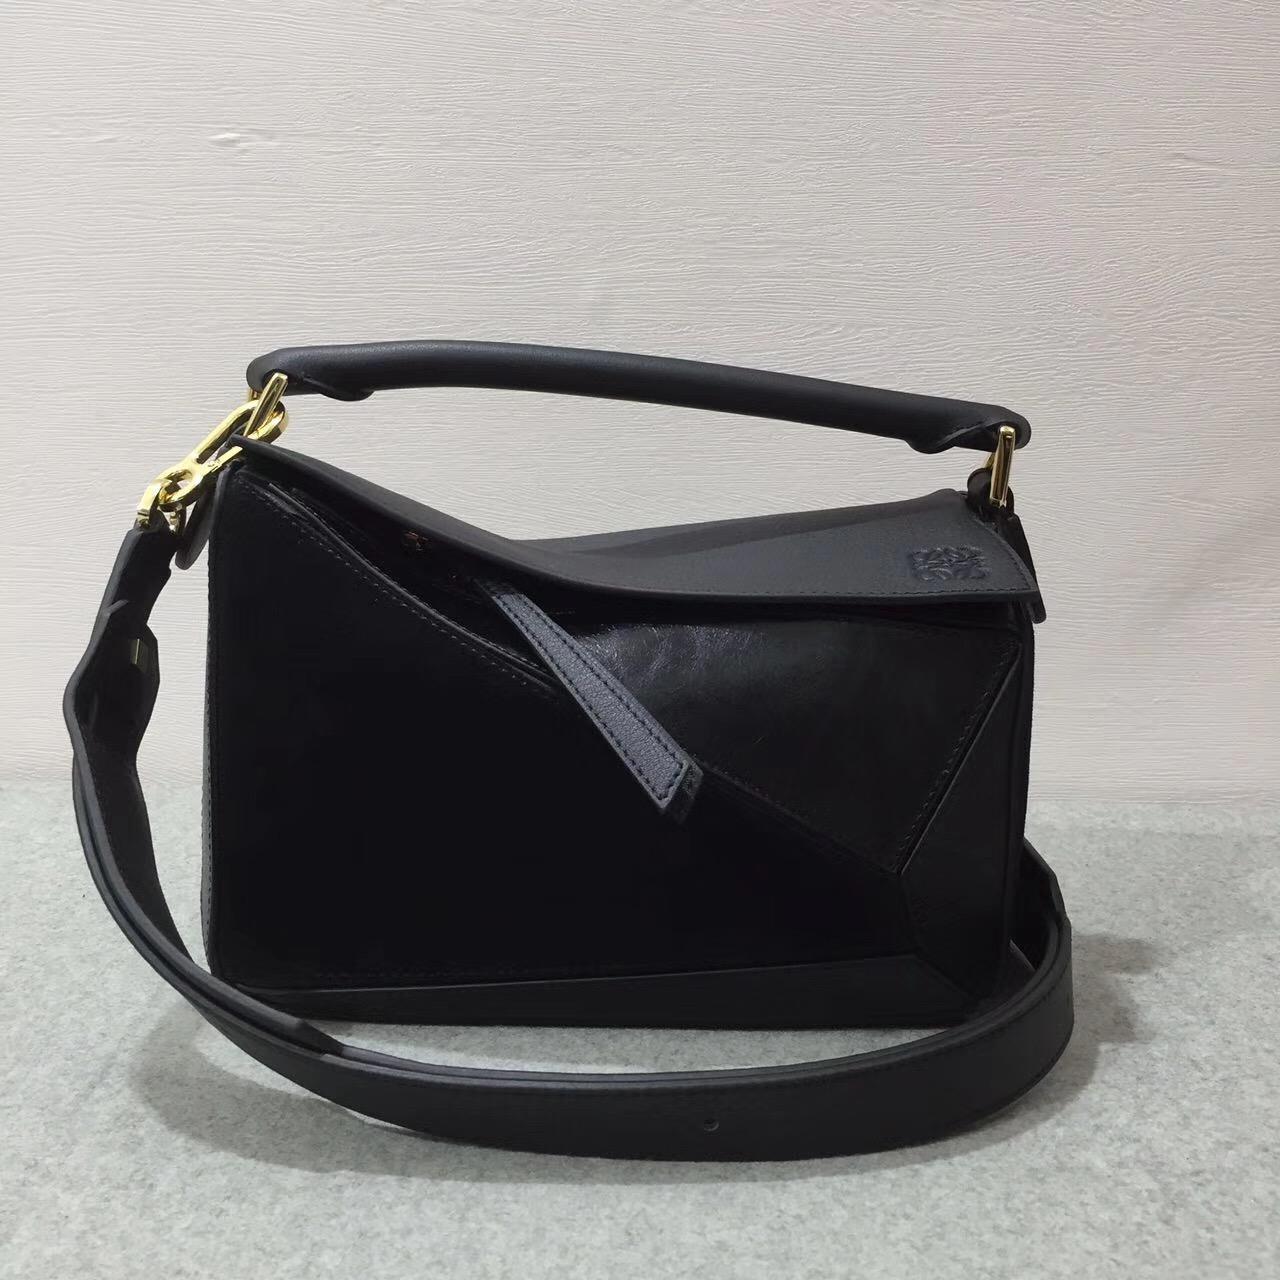 LOEWE女包迷妳小號 Puzzle Bag 黑色 采用進口西班牙不同小牛皮質拼接